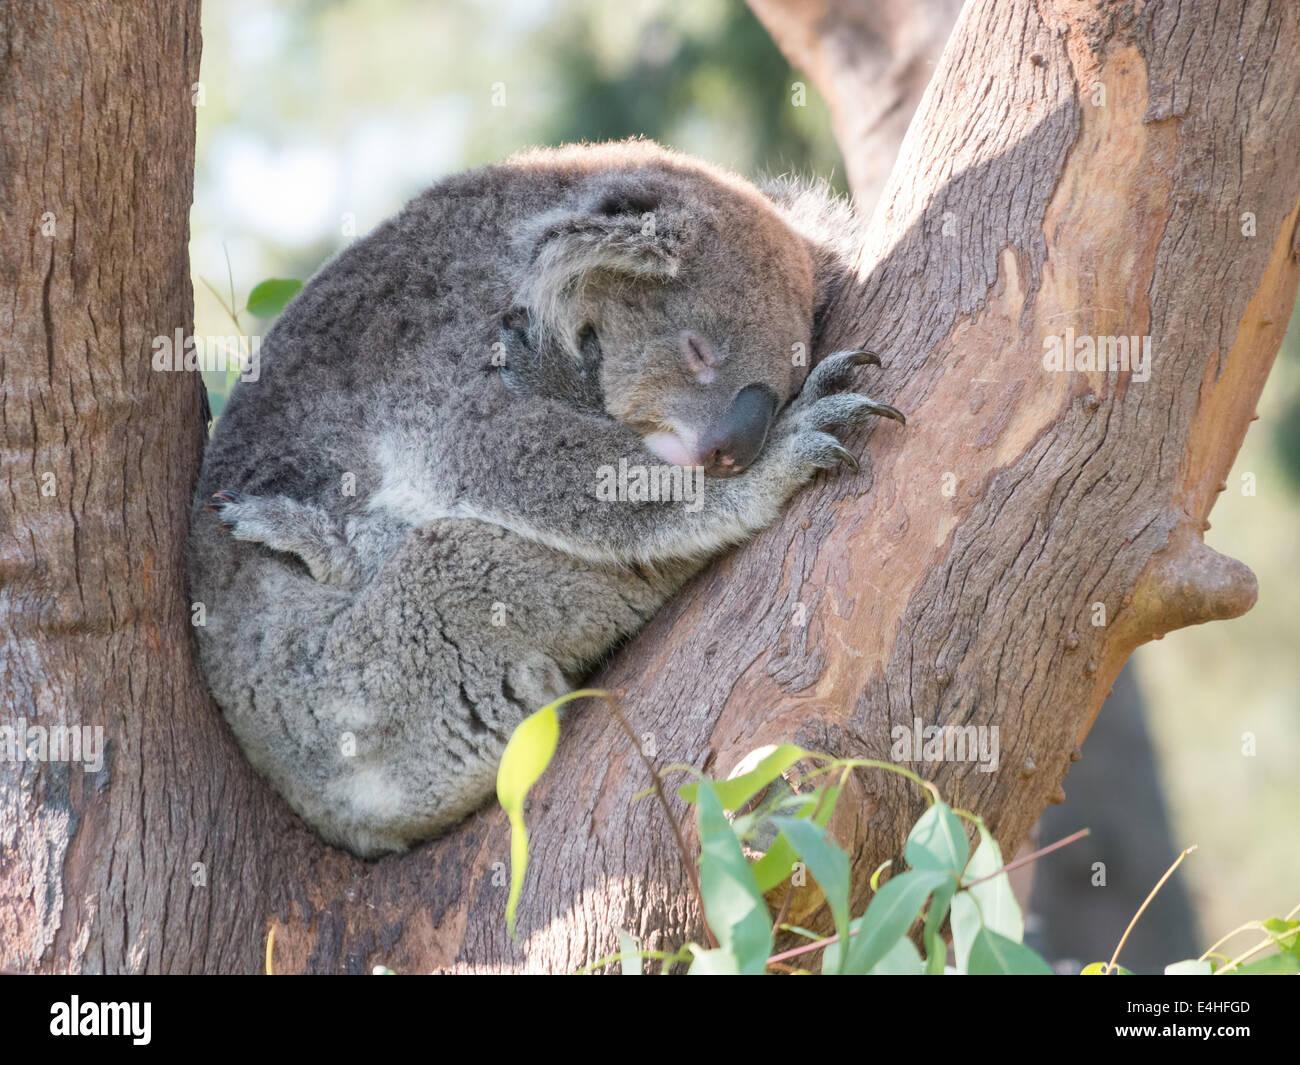 koala bear sleeping in the tree branches stock photo royalty free